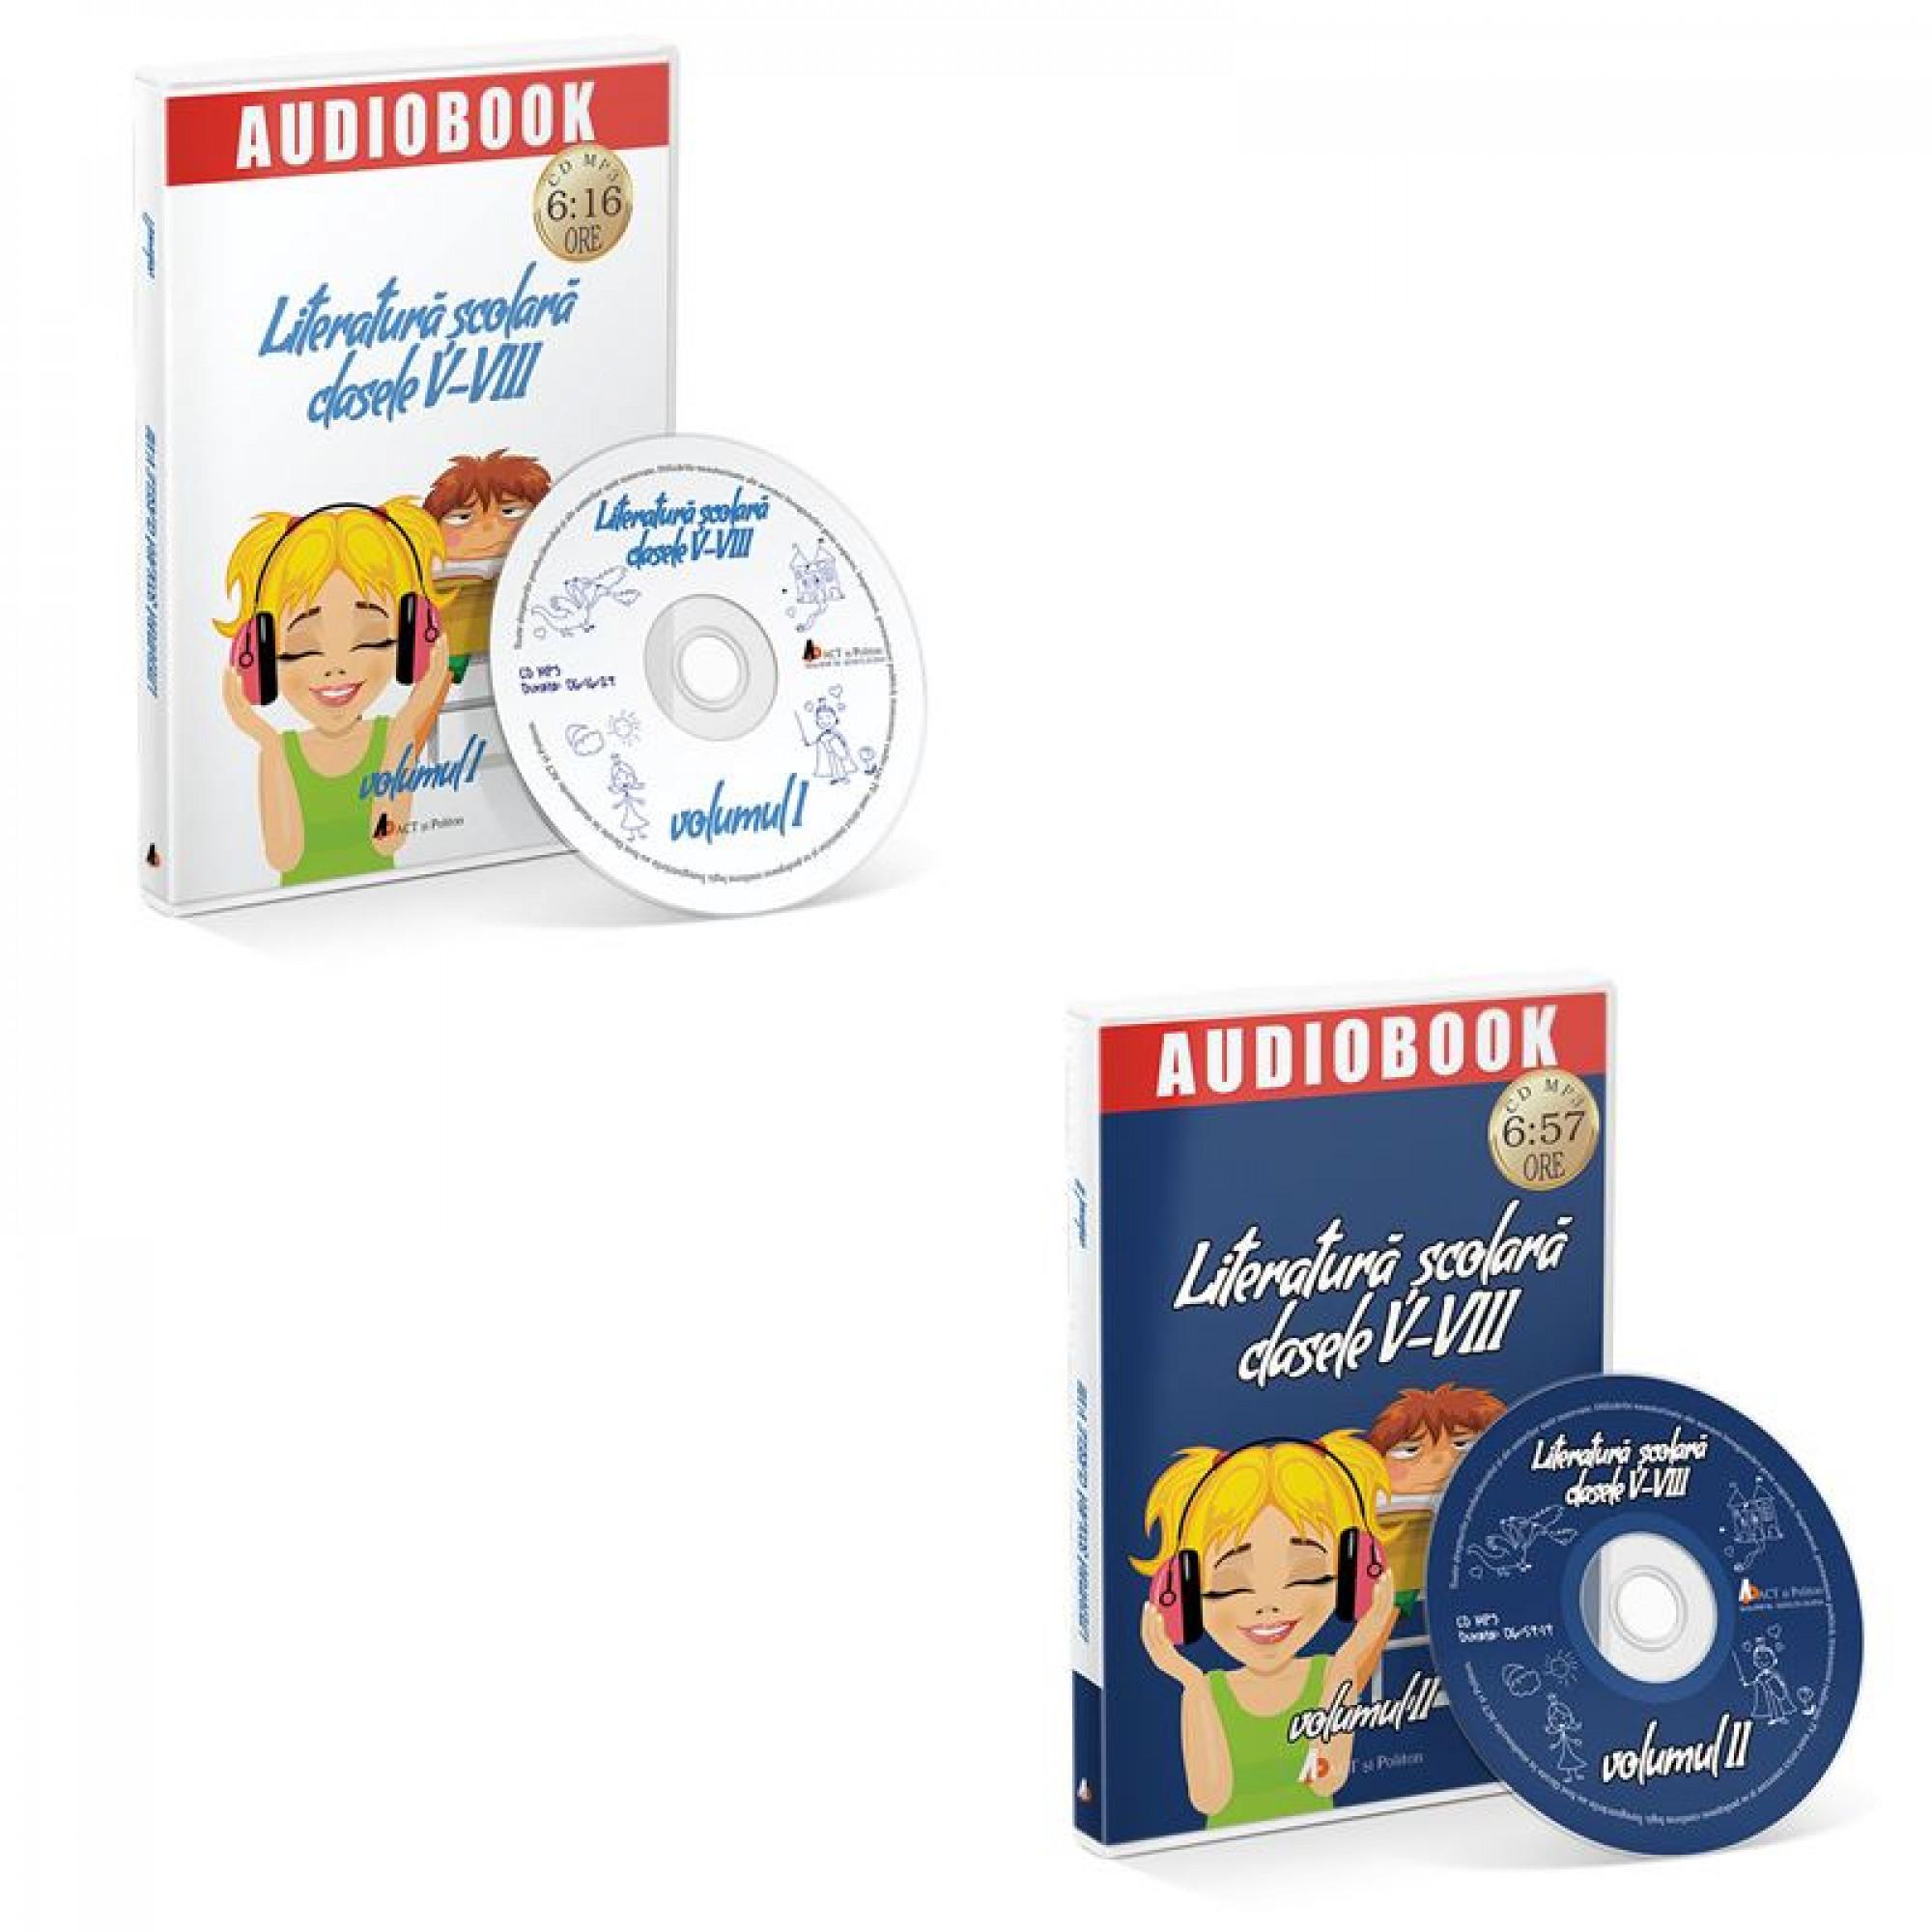 Reducere Literatura scolara - audiobook